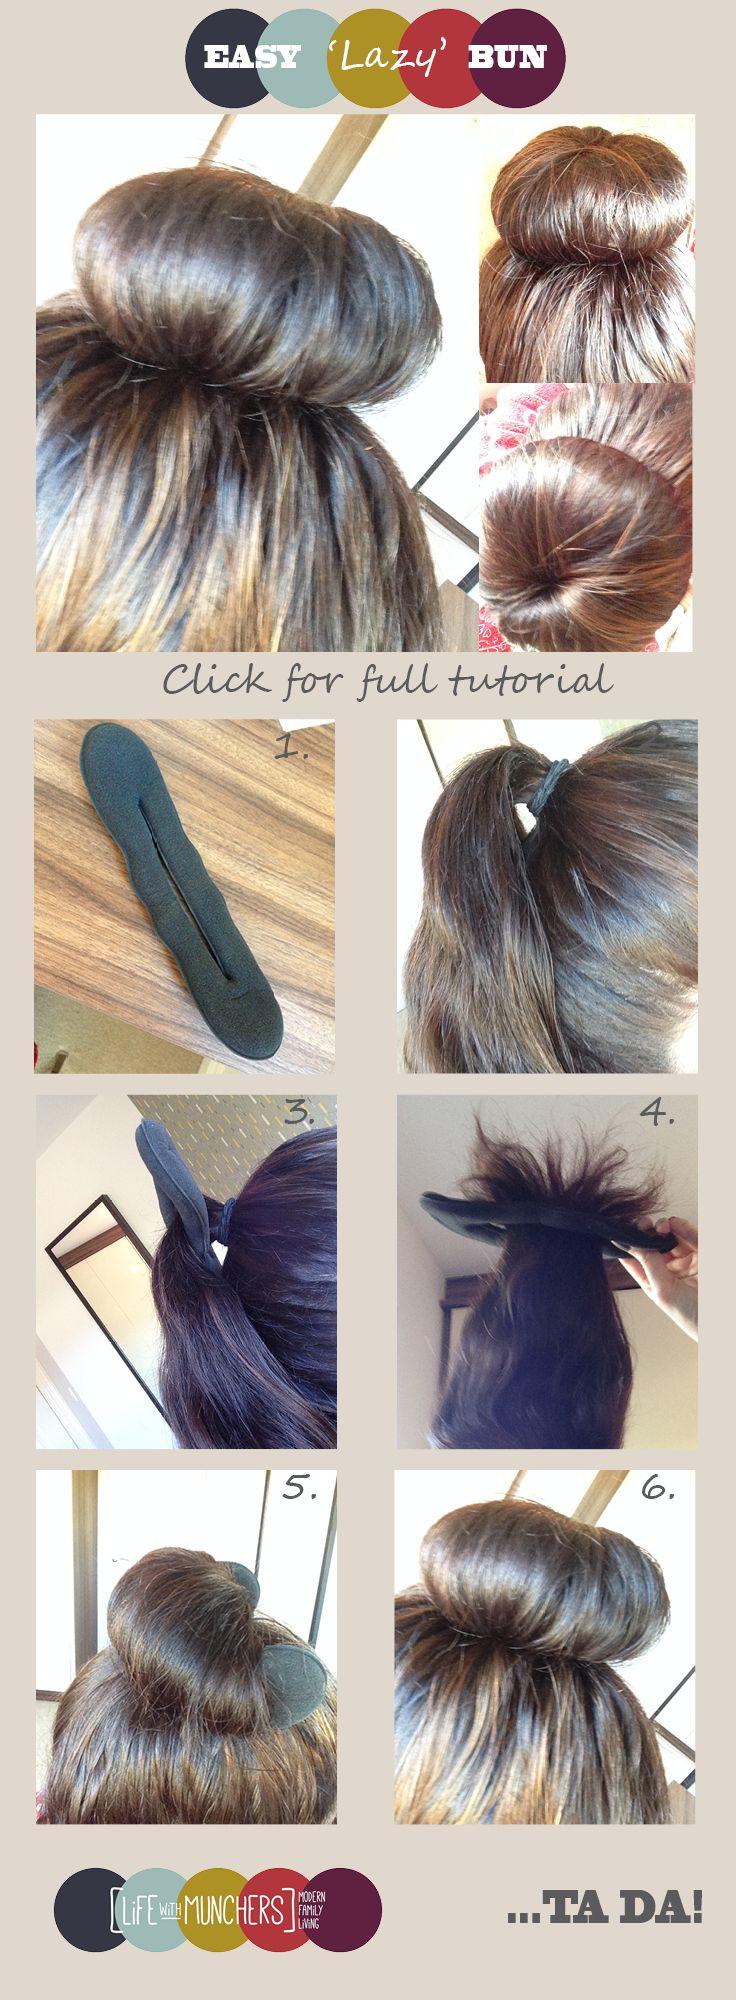 Best 25 Bun Maker Ideas On Pinterest Hair Buns Braided